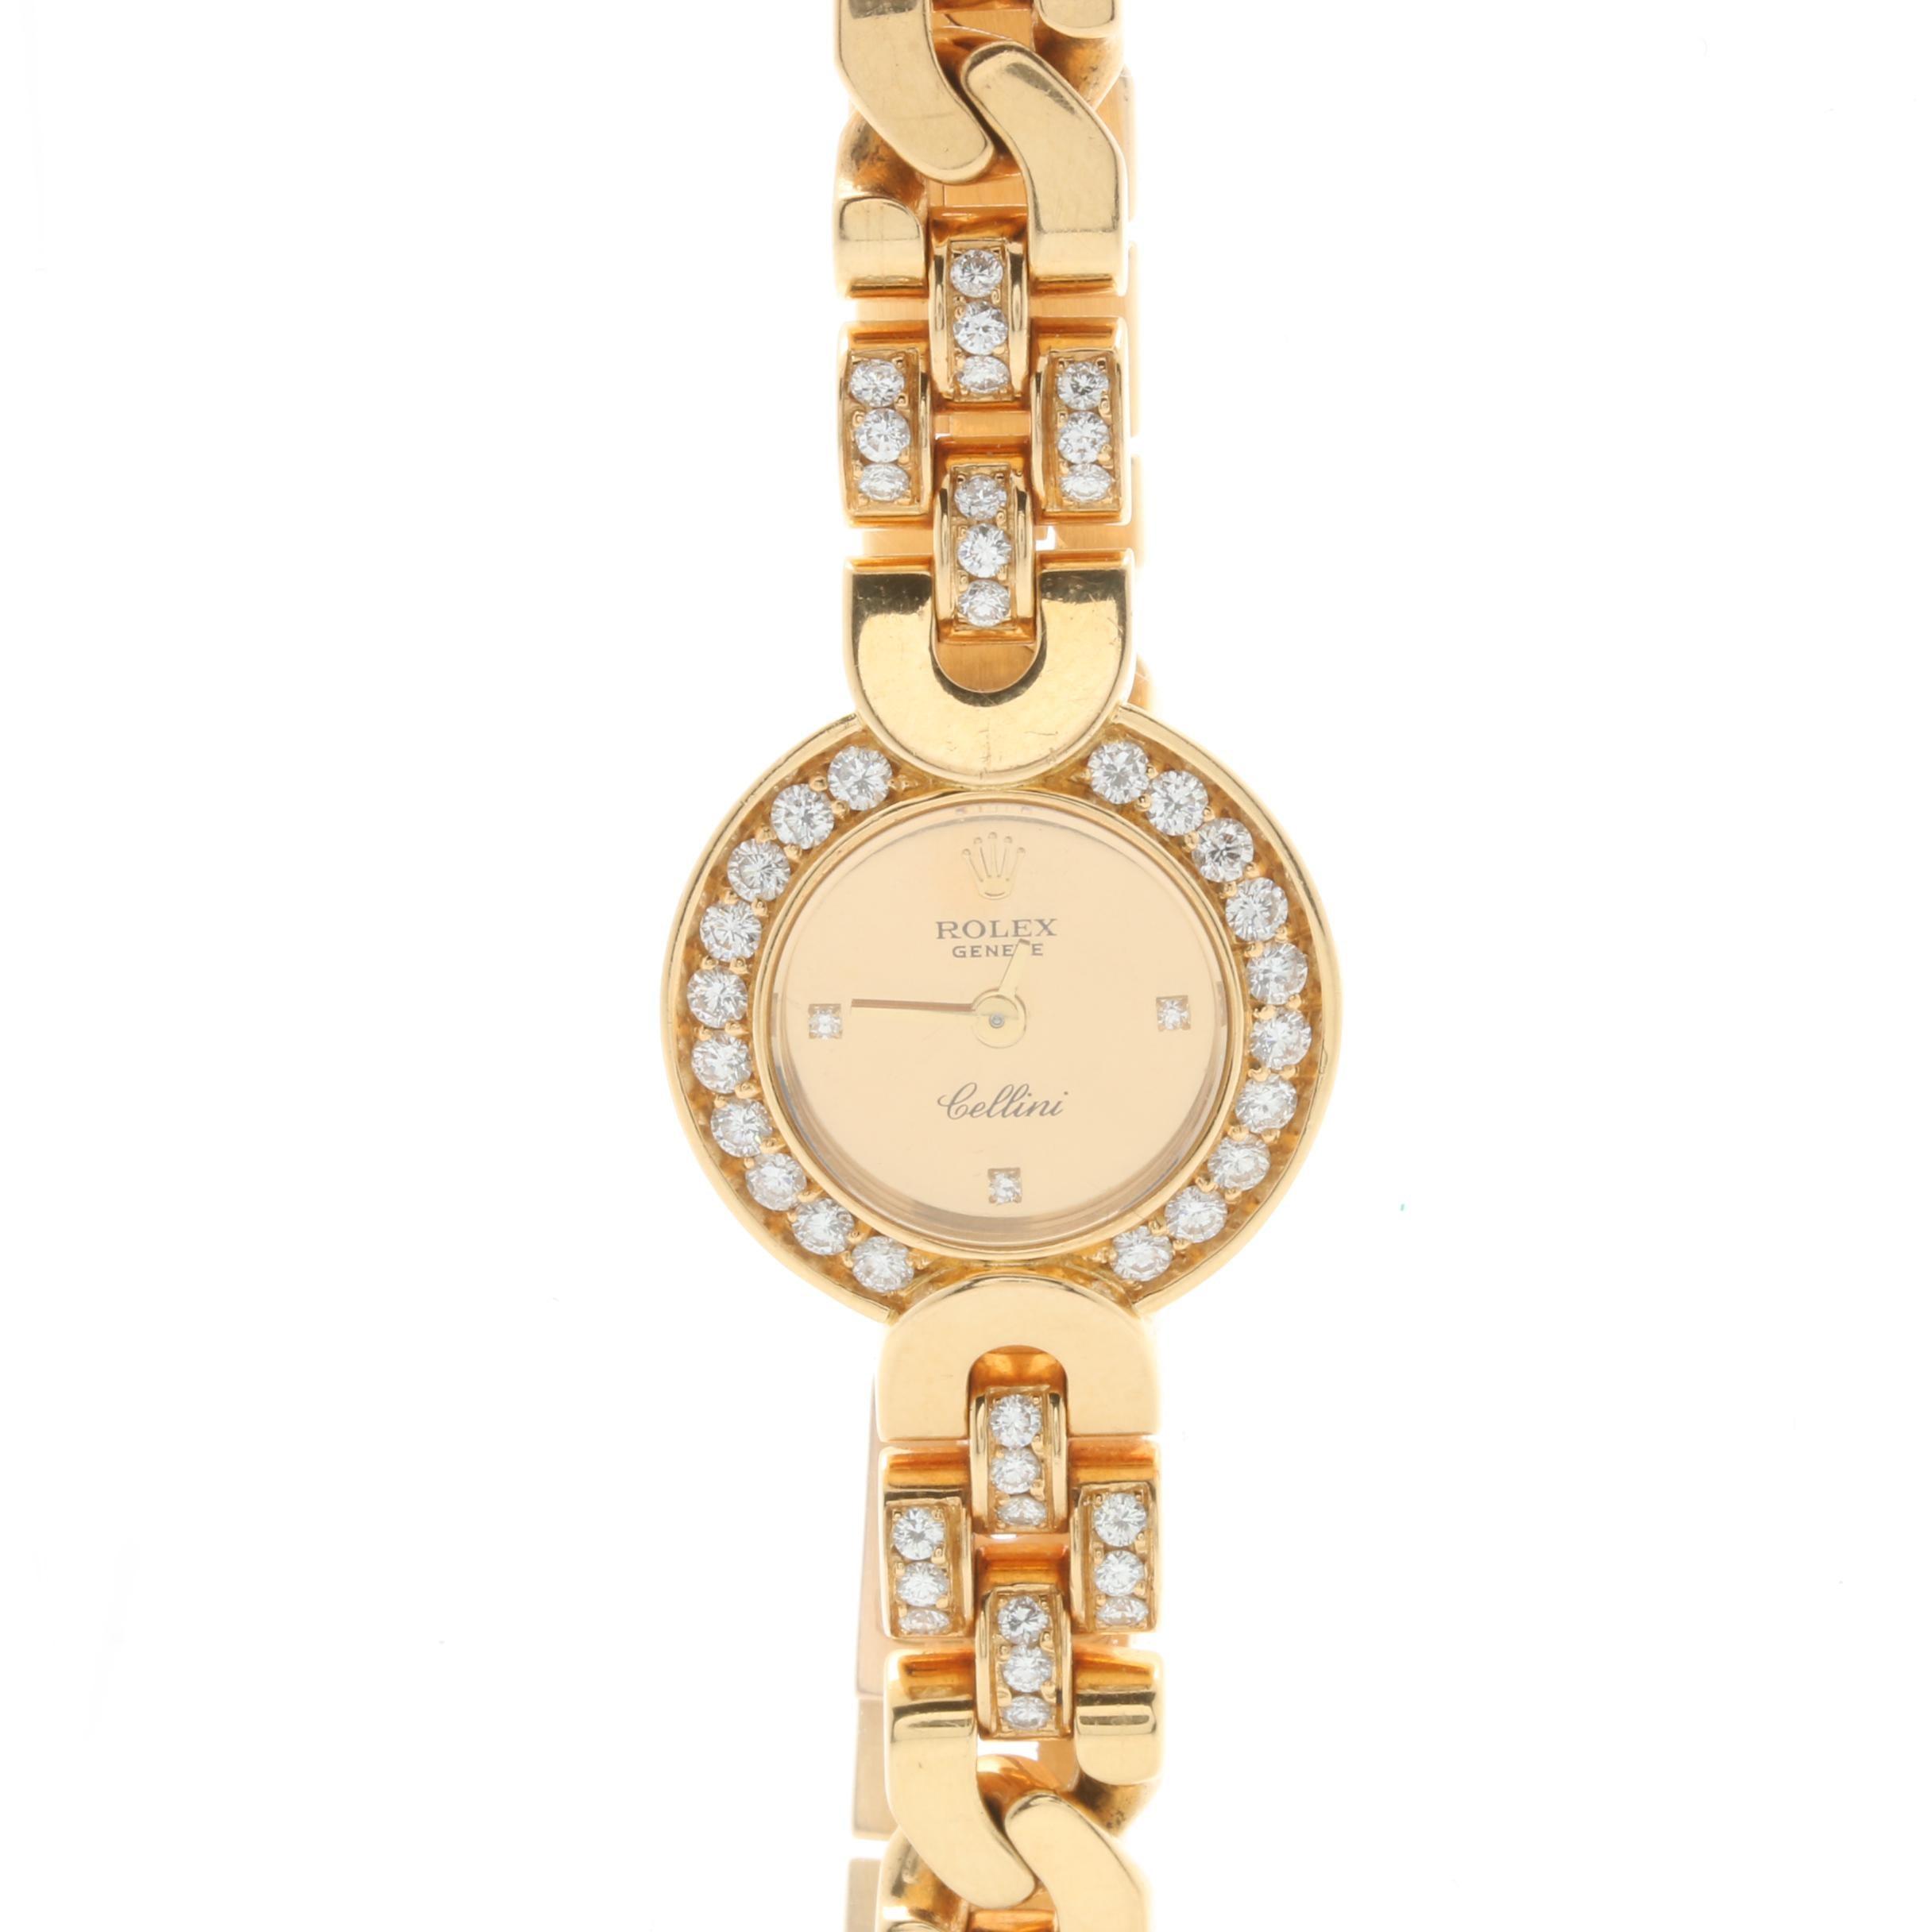 """Rolex """"Geneve Cellini"""" 18K Yellow Gold 2.05 CTW Diamond Wristwatch"""